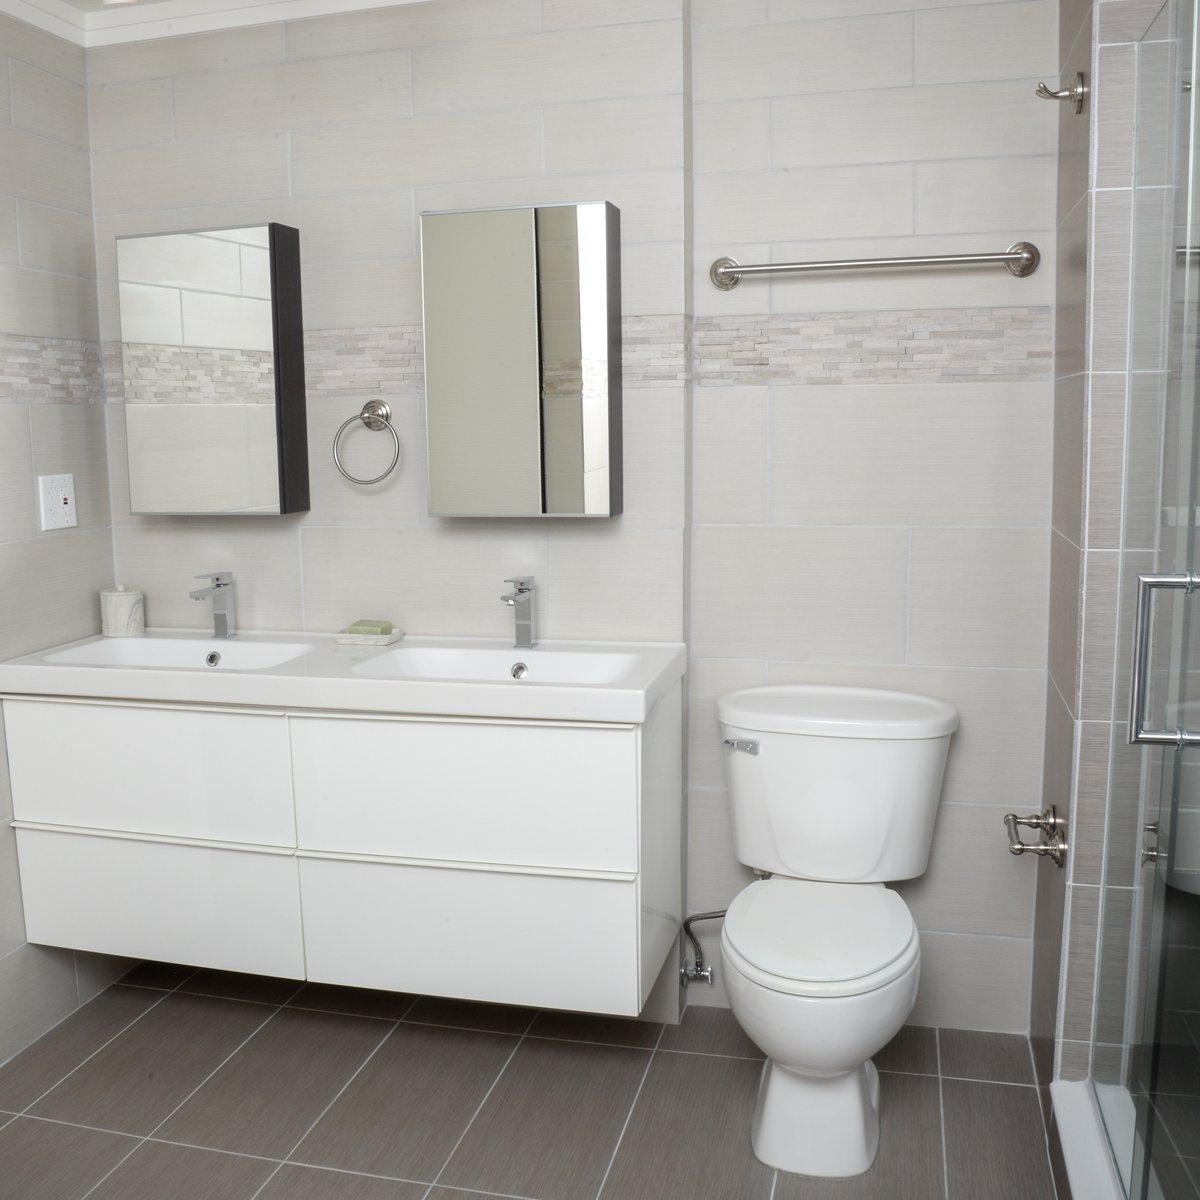 Set di accessori da bagno Basics finitura  nichel satinato 4 pezzi stile tradizionale